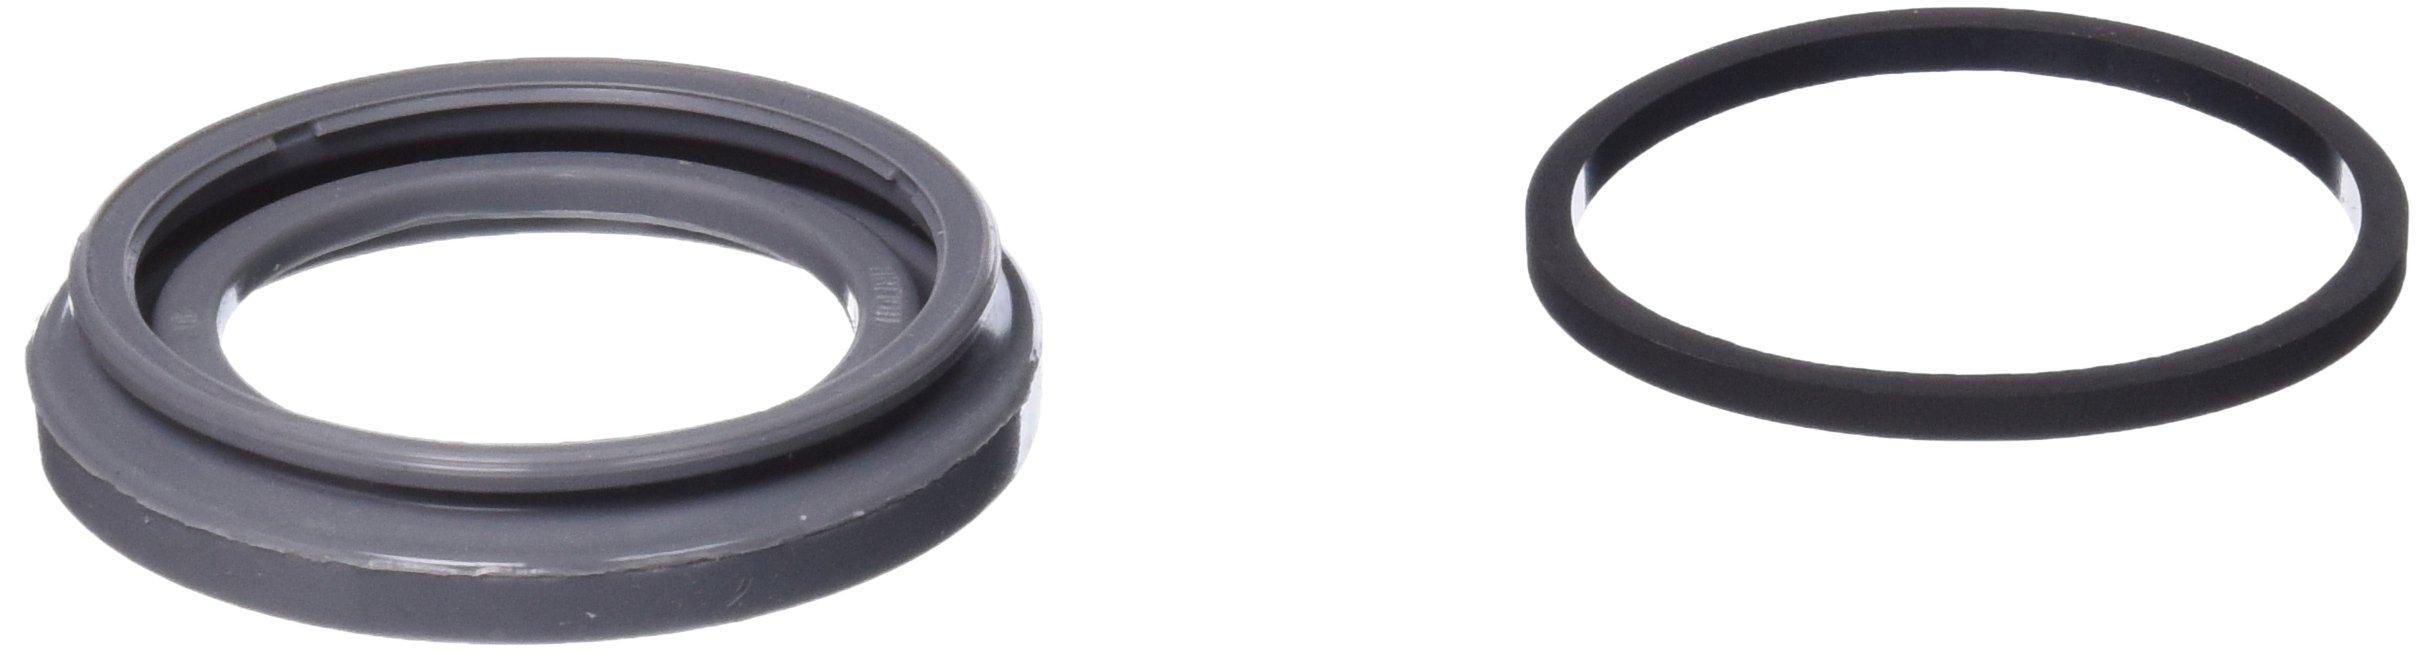 Disc Brake Caliper Repair Kit Front,Rear Centric 143.91015